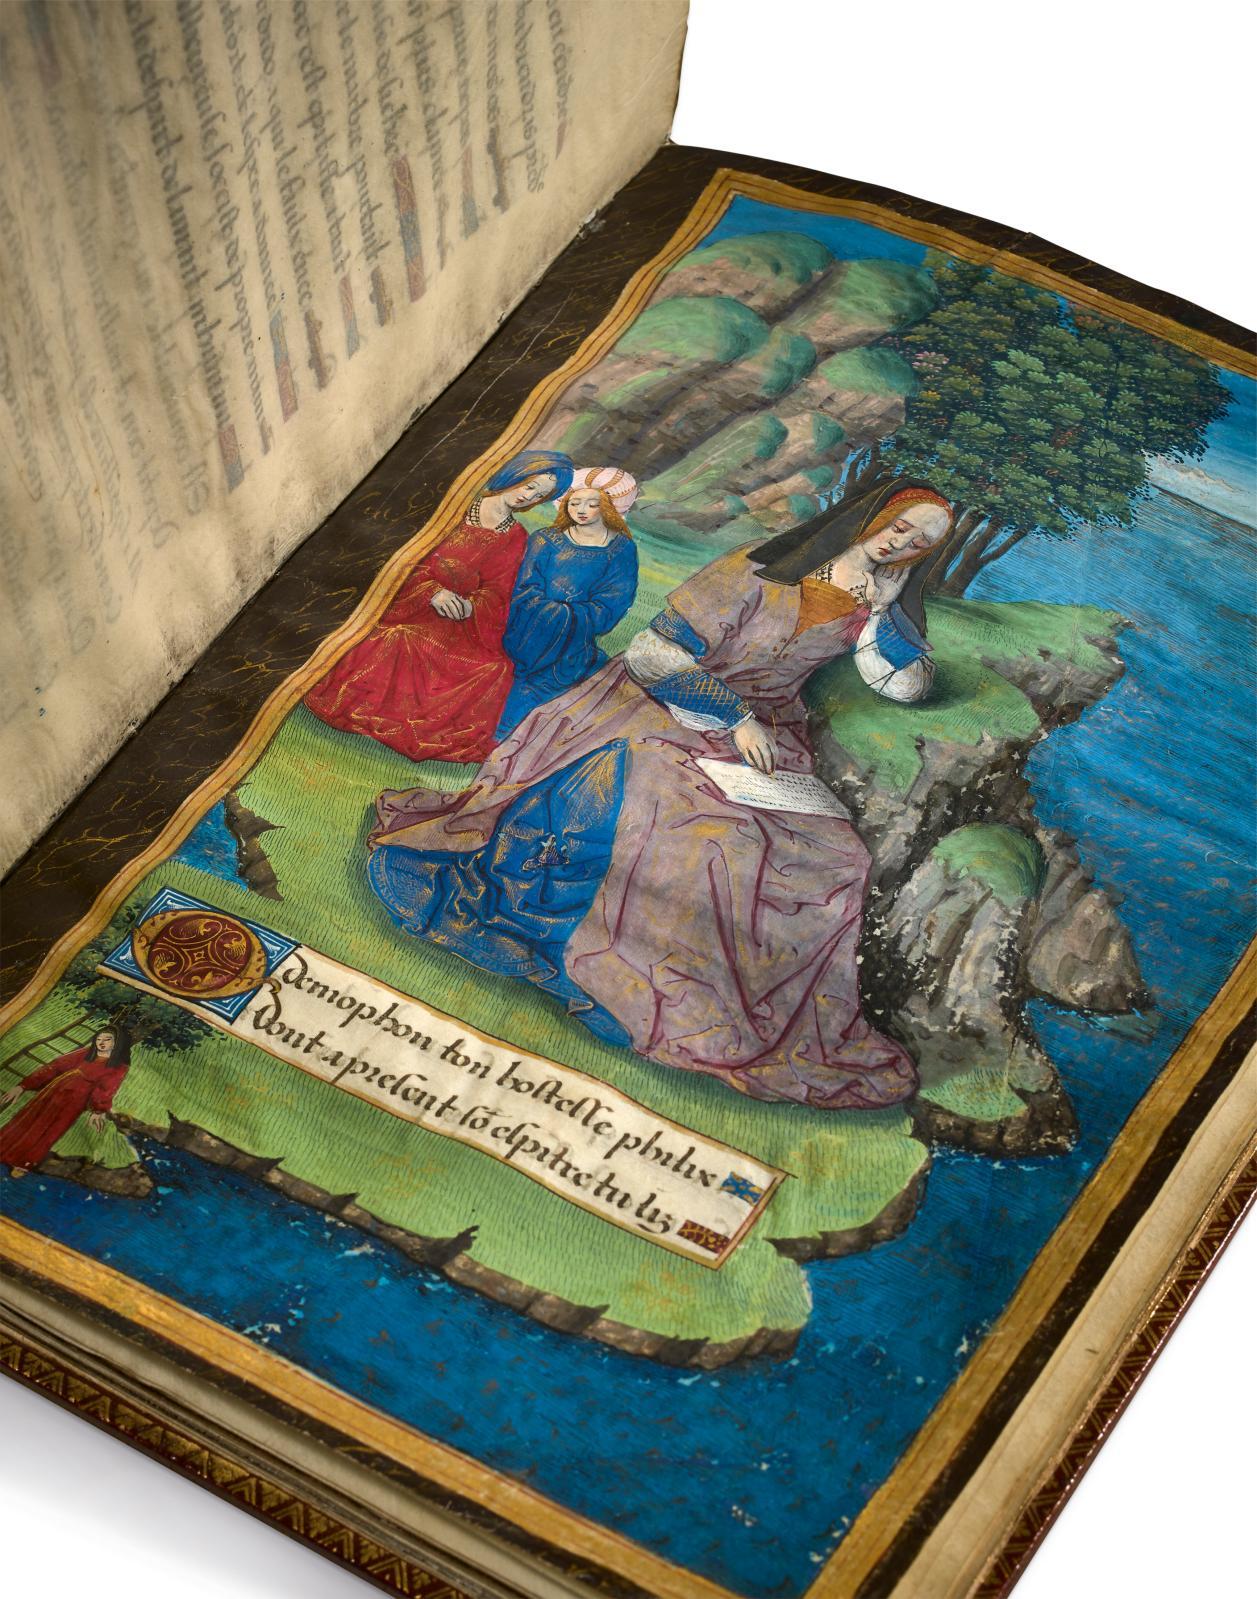 Octavien de Saint-Gelais (1466/1468-1502), Epistres d'Ovide (traduction de cinq des Heroïdes d'ovide) [suivi de] trois poèmes, attribués à Octavien de